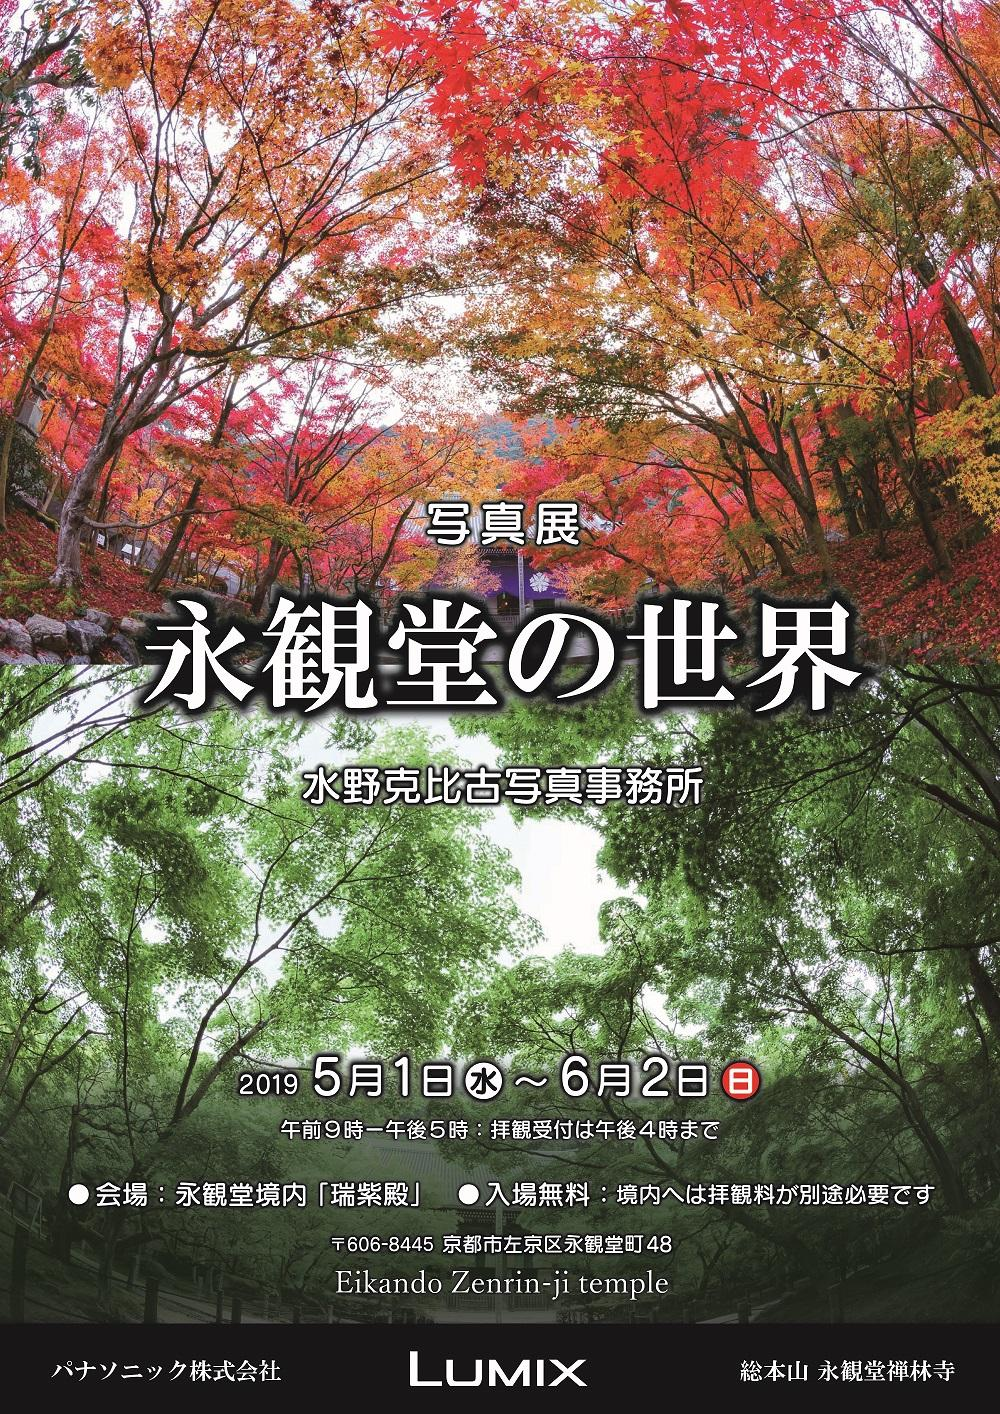 LUMIXミラーレス一眼カメラが10周年~写真展「永観堂の世界」を開催~